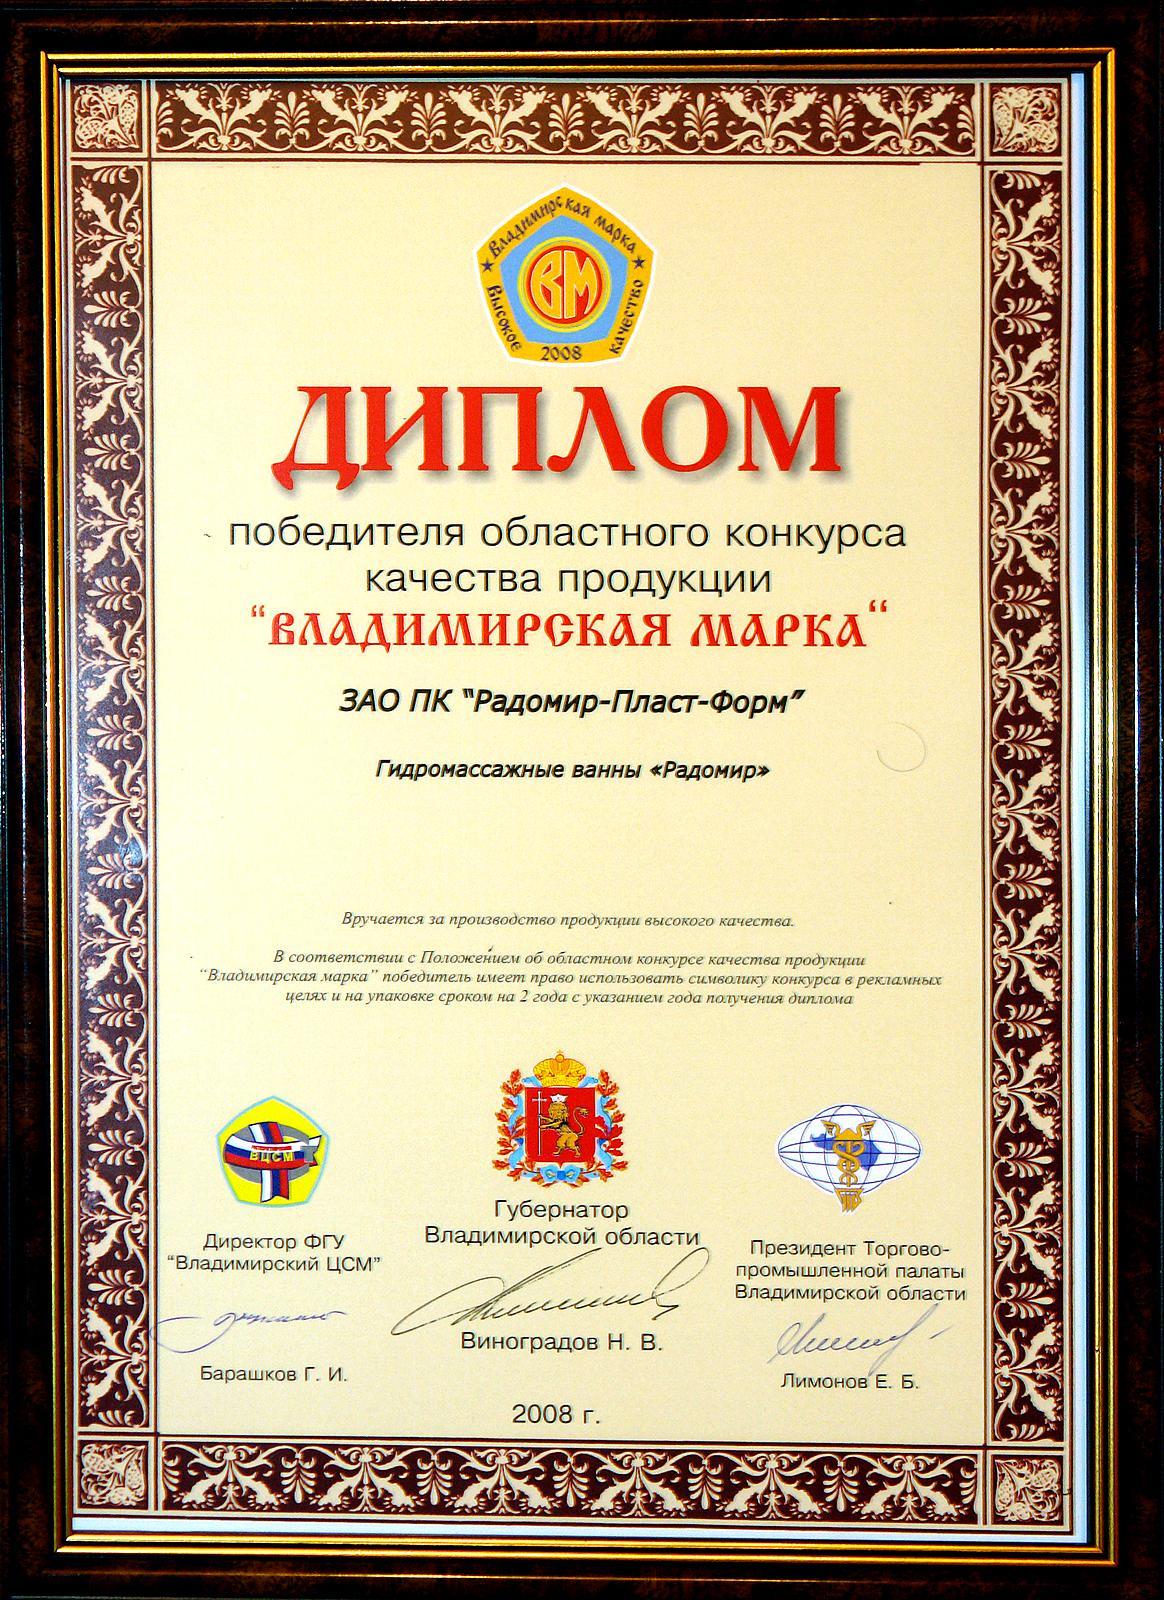 Диплом Владимирская марка 2008